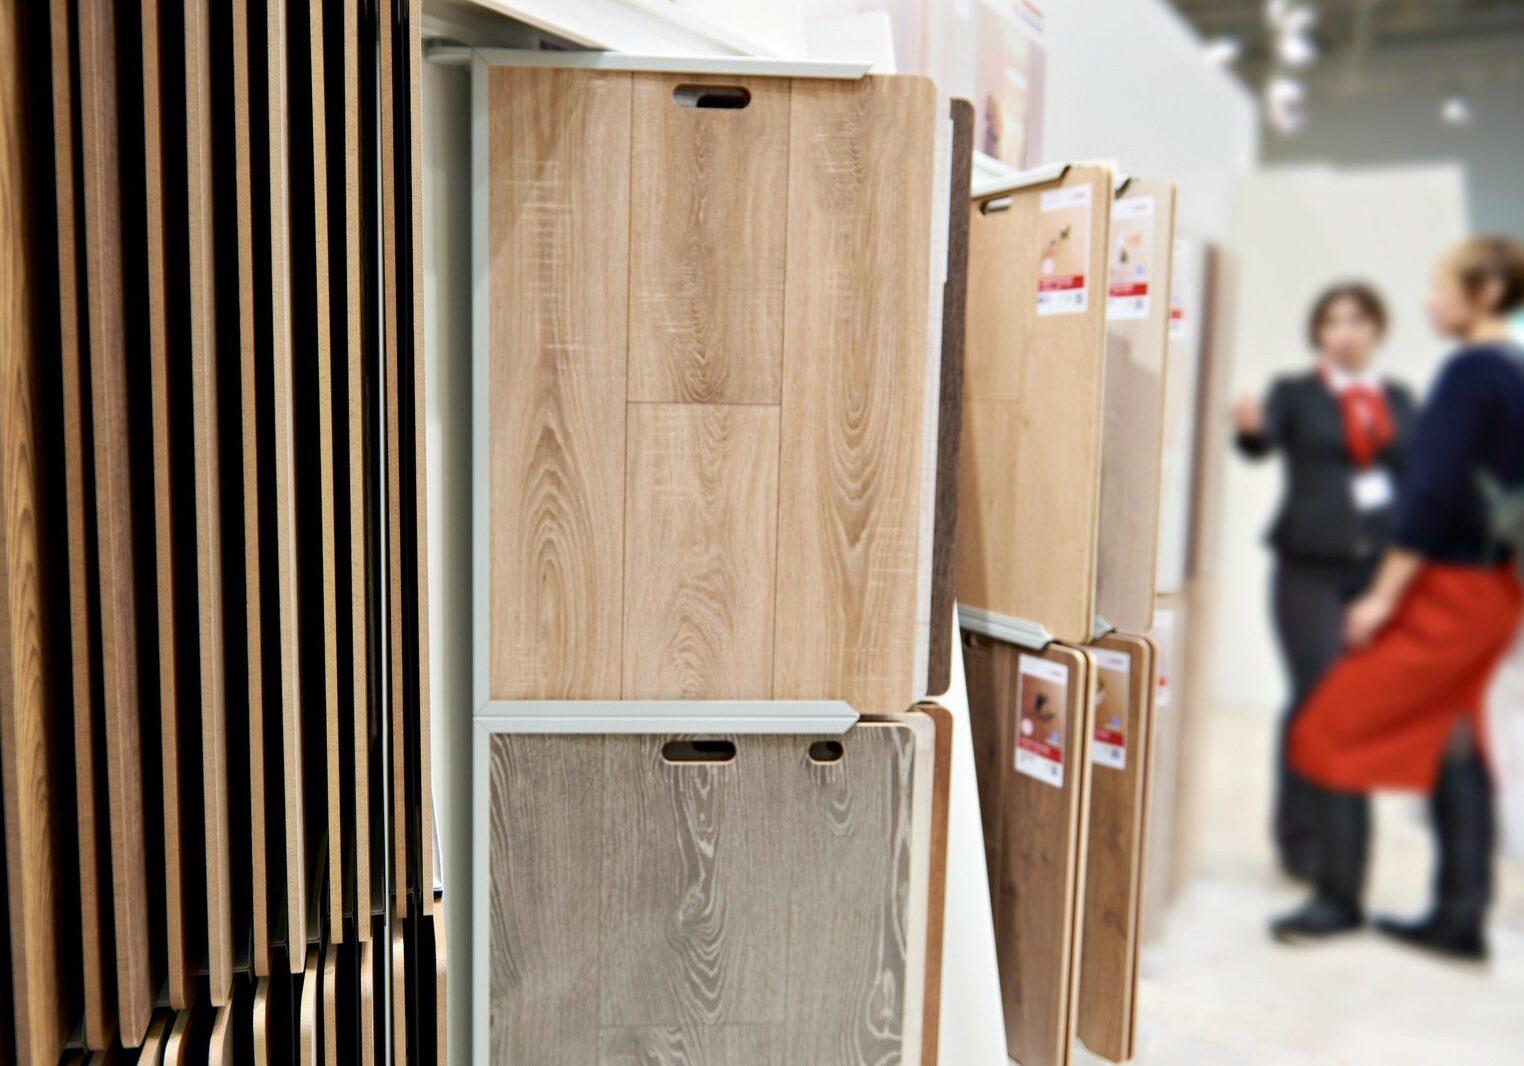 Buyer and seller discuss the goods in Evans, GA hardware store | Kirkland's Flooring